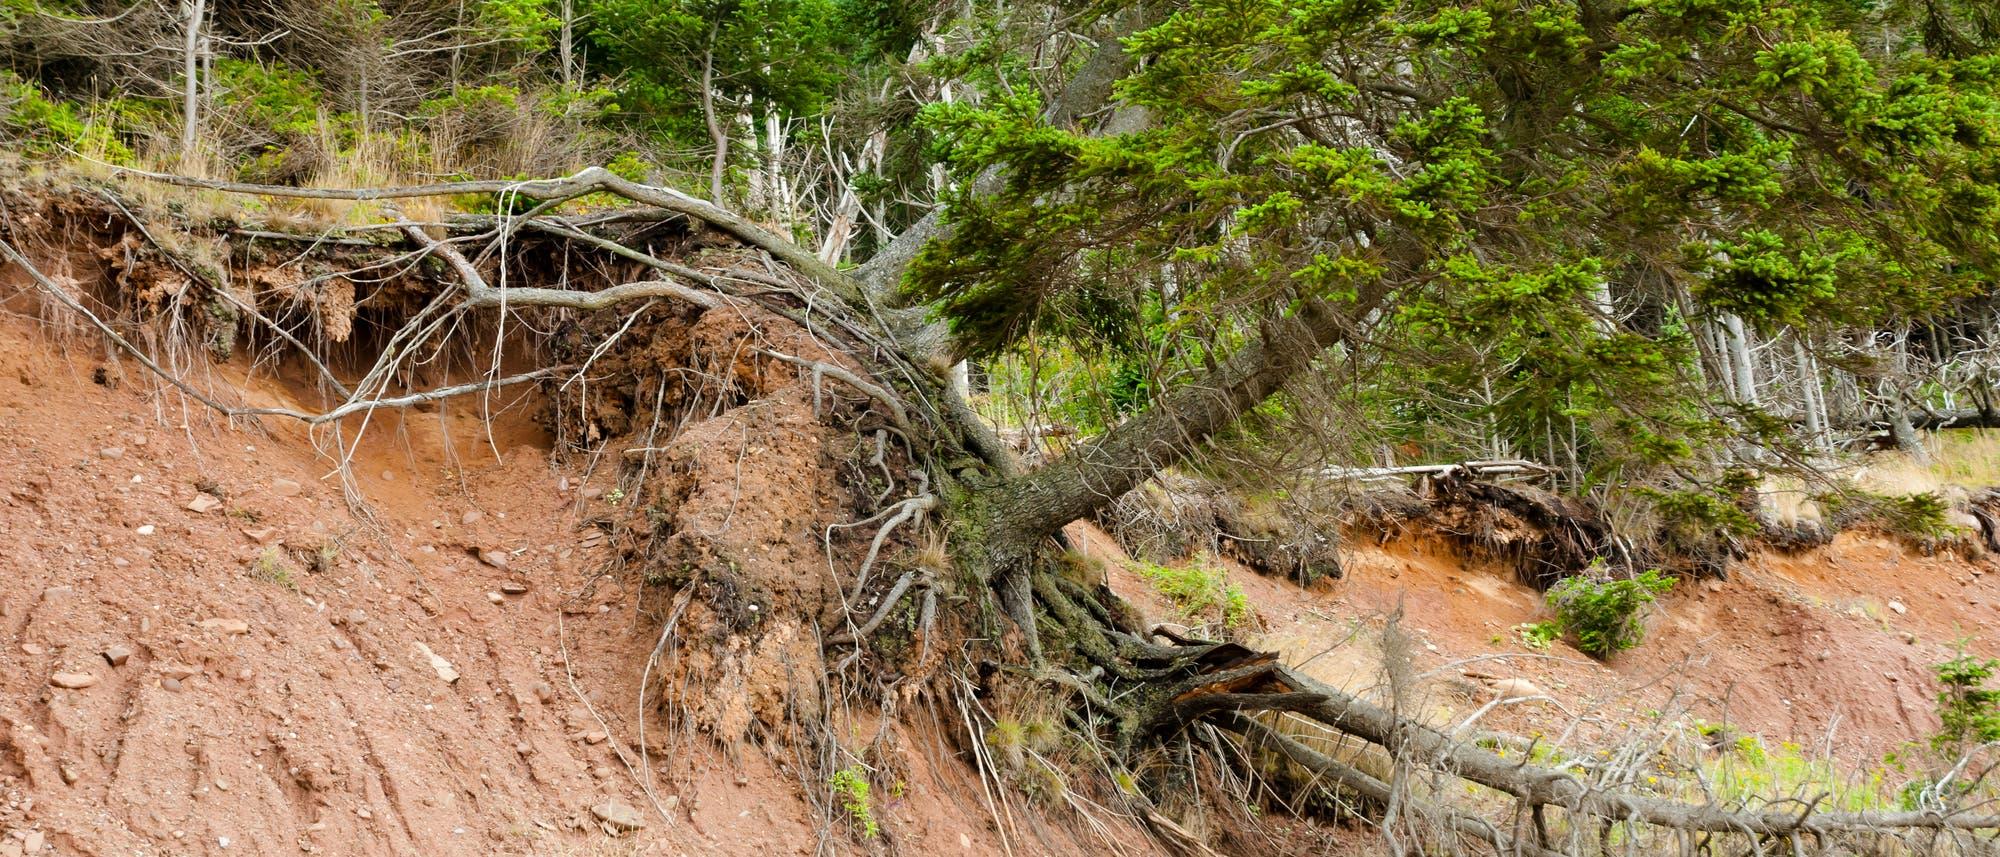 Bruchkante eines Erdrutsches mit überhängendem Nadelbaum.